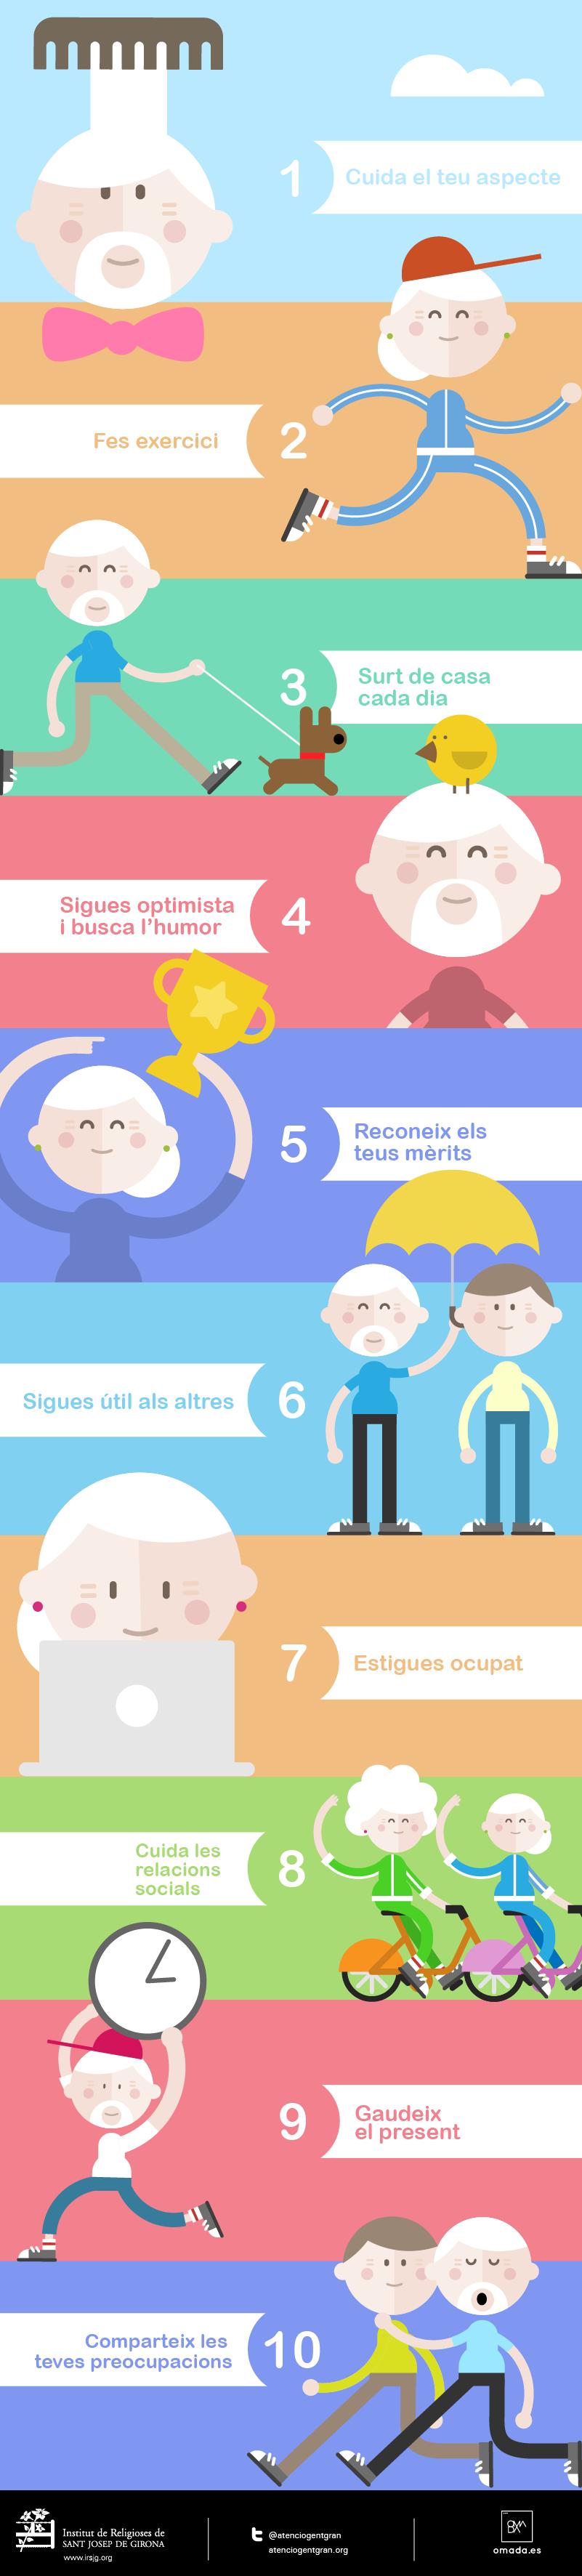 10 consells per ser feliç en la tercera edat